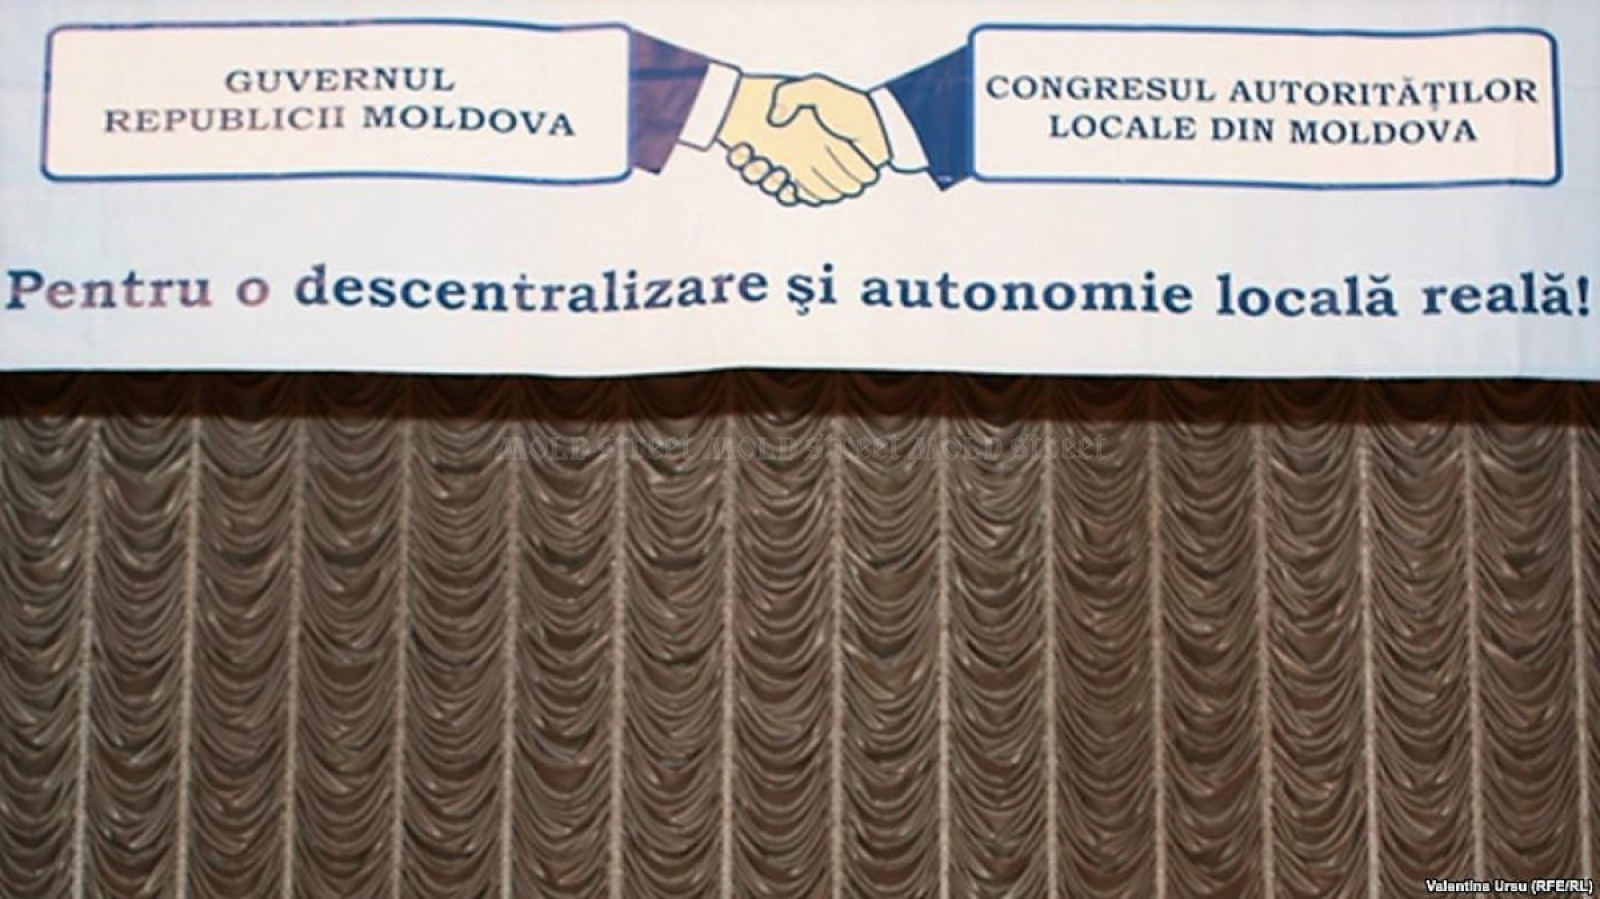 Mold-street: Reforma sau optimizarea administrativ-teritorială a Republicii Moldova